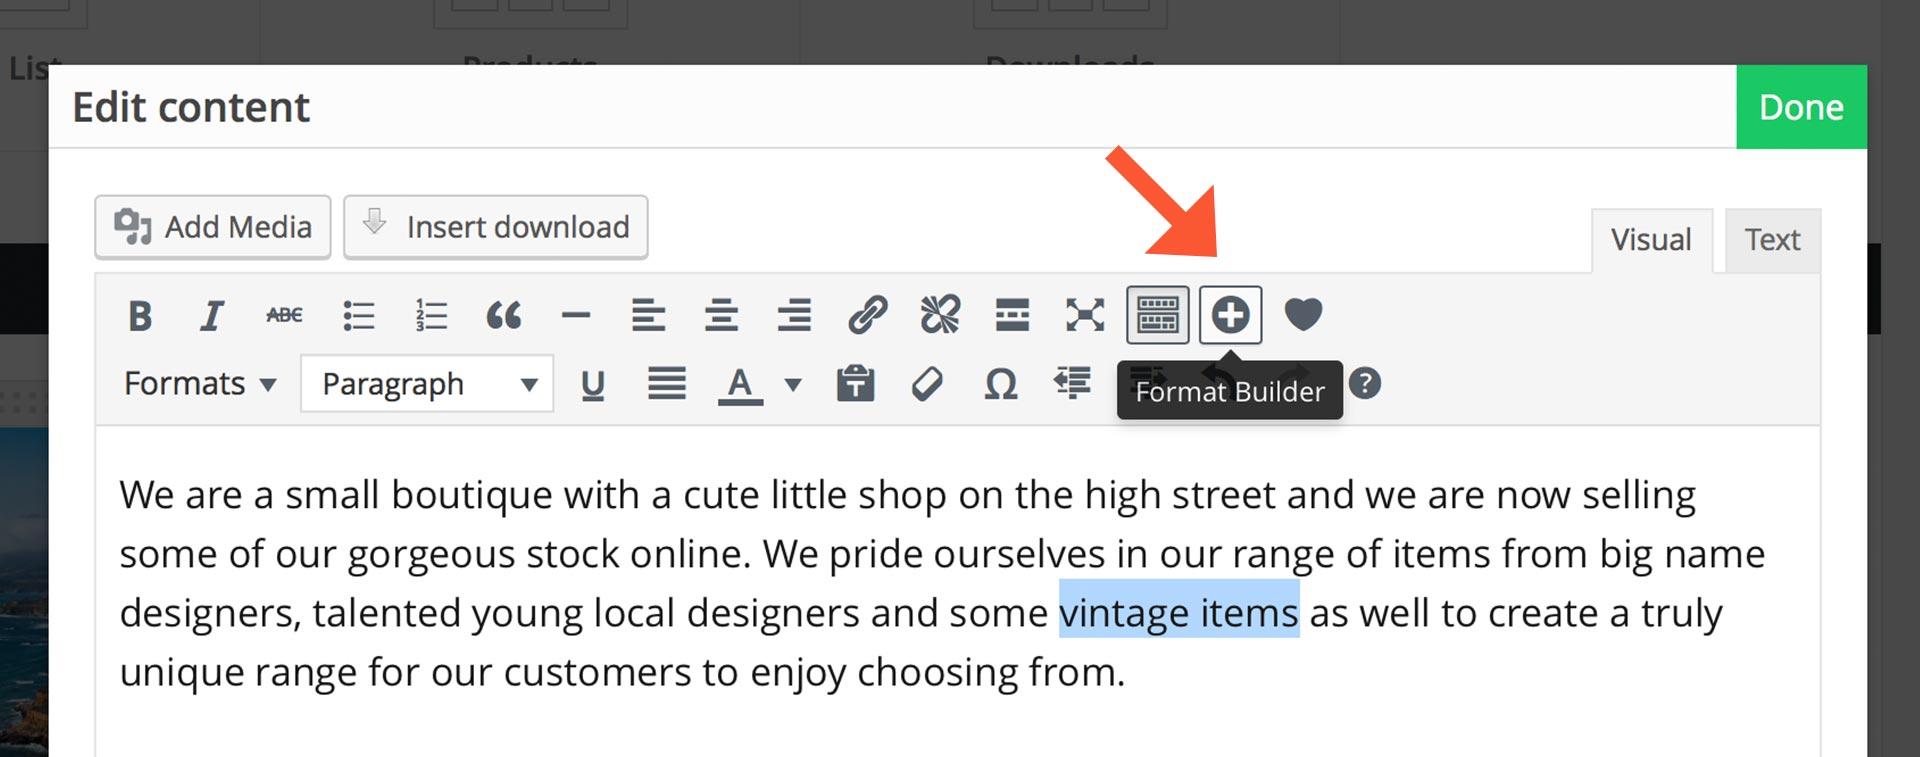 format-builder